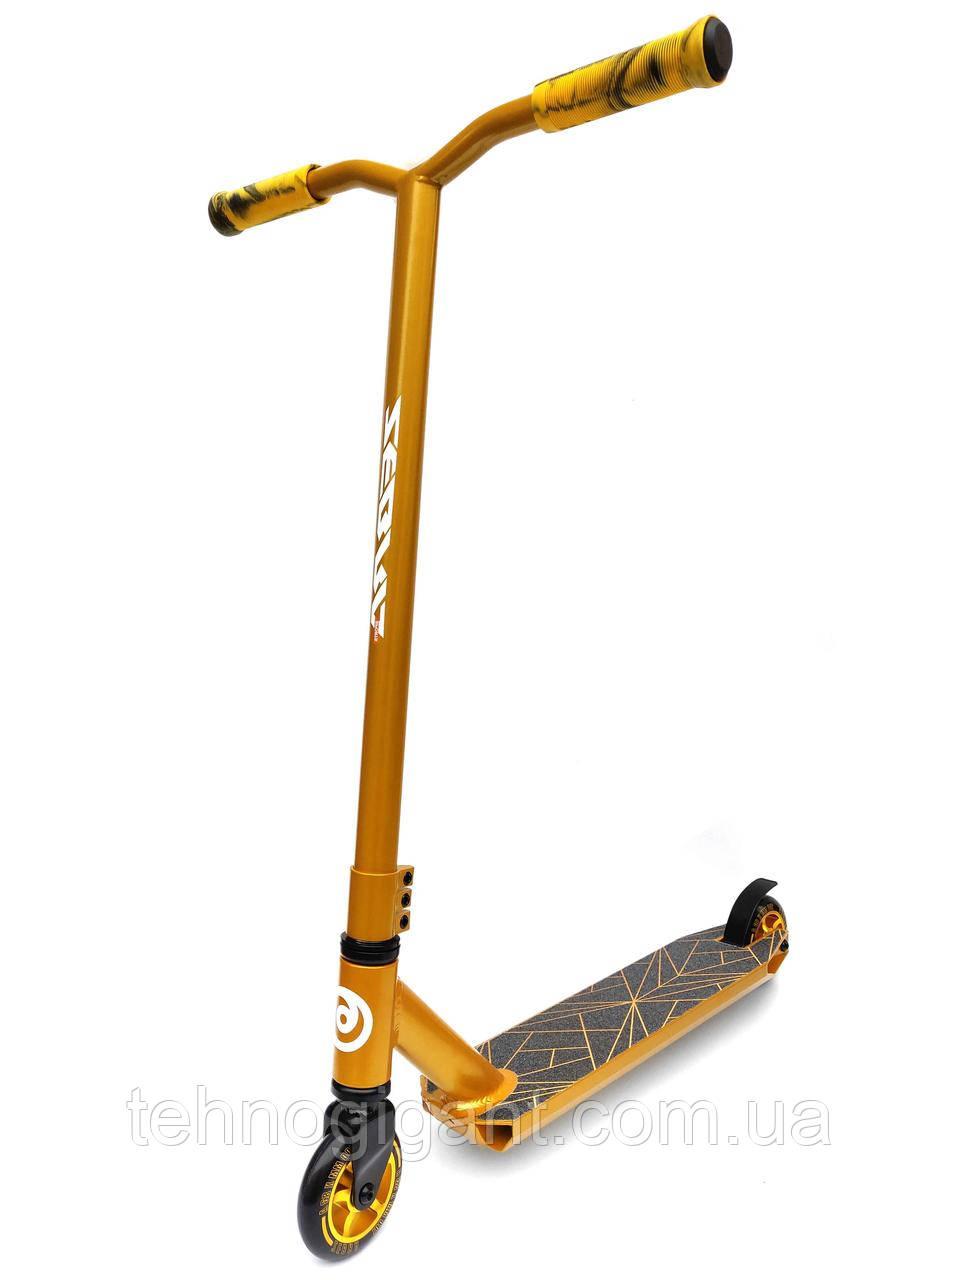 Трюковый Самокат алюминиевый отScooter–Golden HIC 100 мм Золотой , колеса литые алюминий /полиуретан